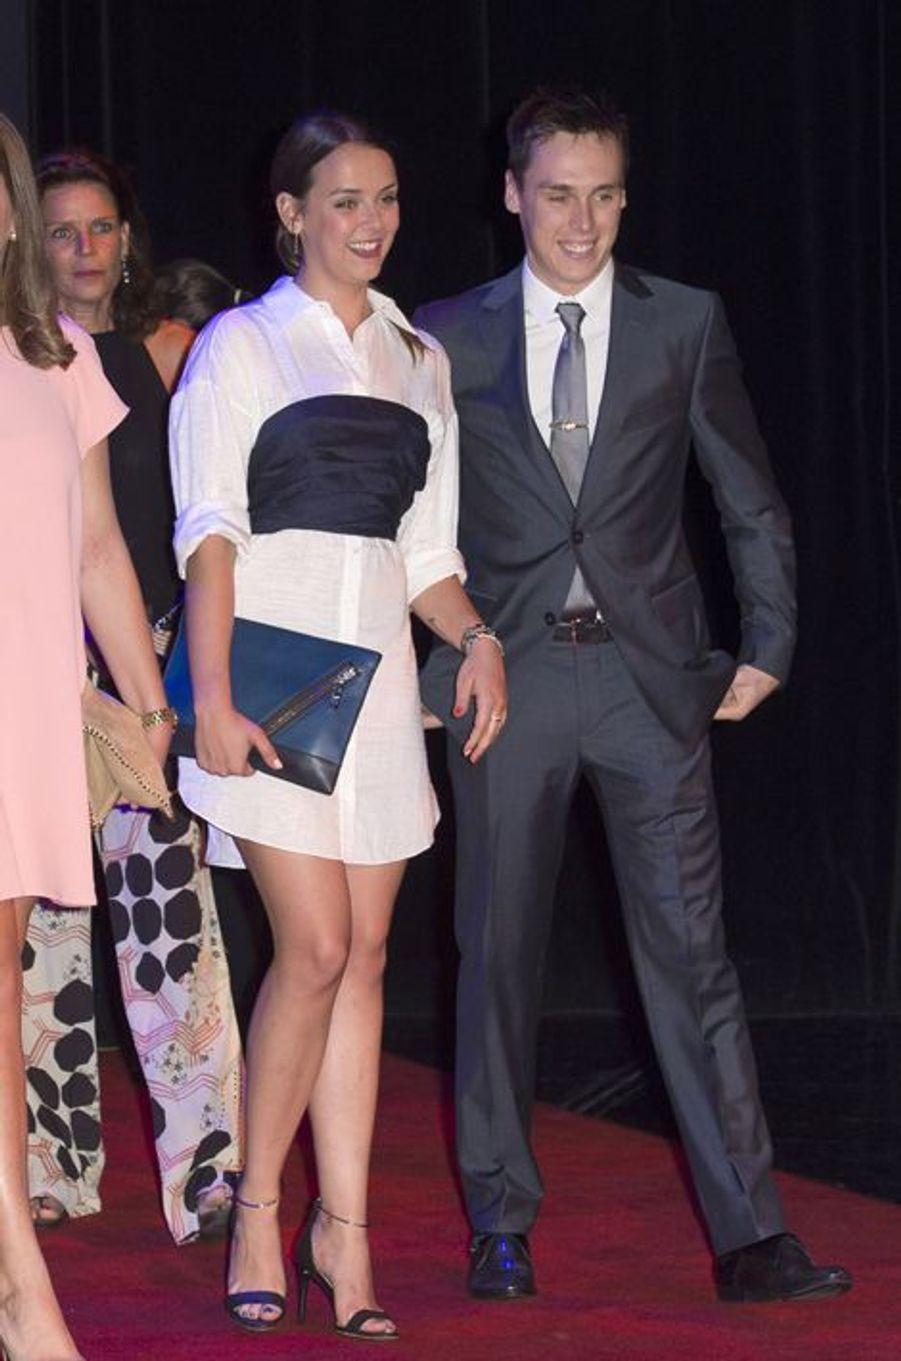 Pauline et Louis Ducruet, les enfants de la princesse Stéphanie de Monaco, au gala de la fondation Fight Aids